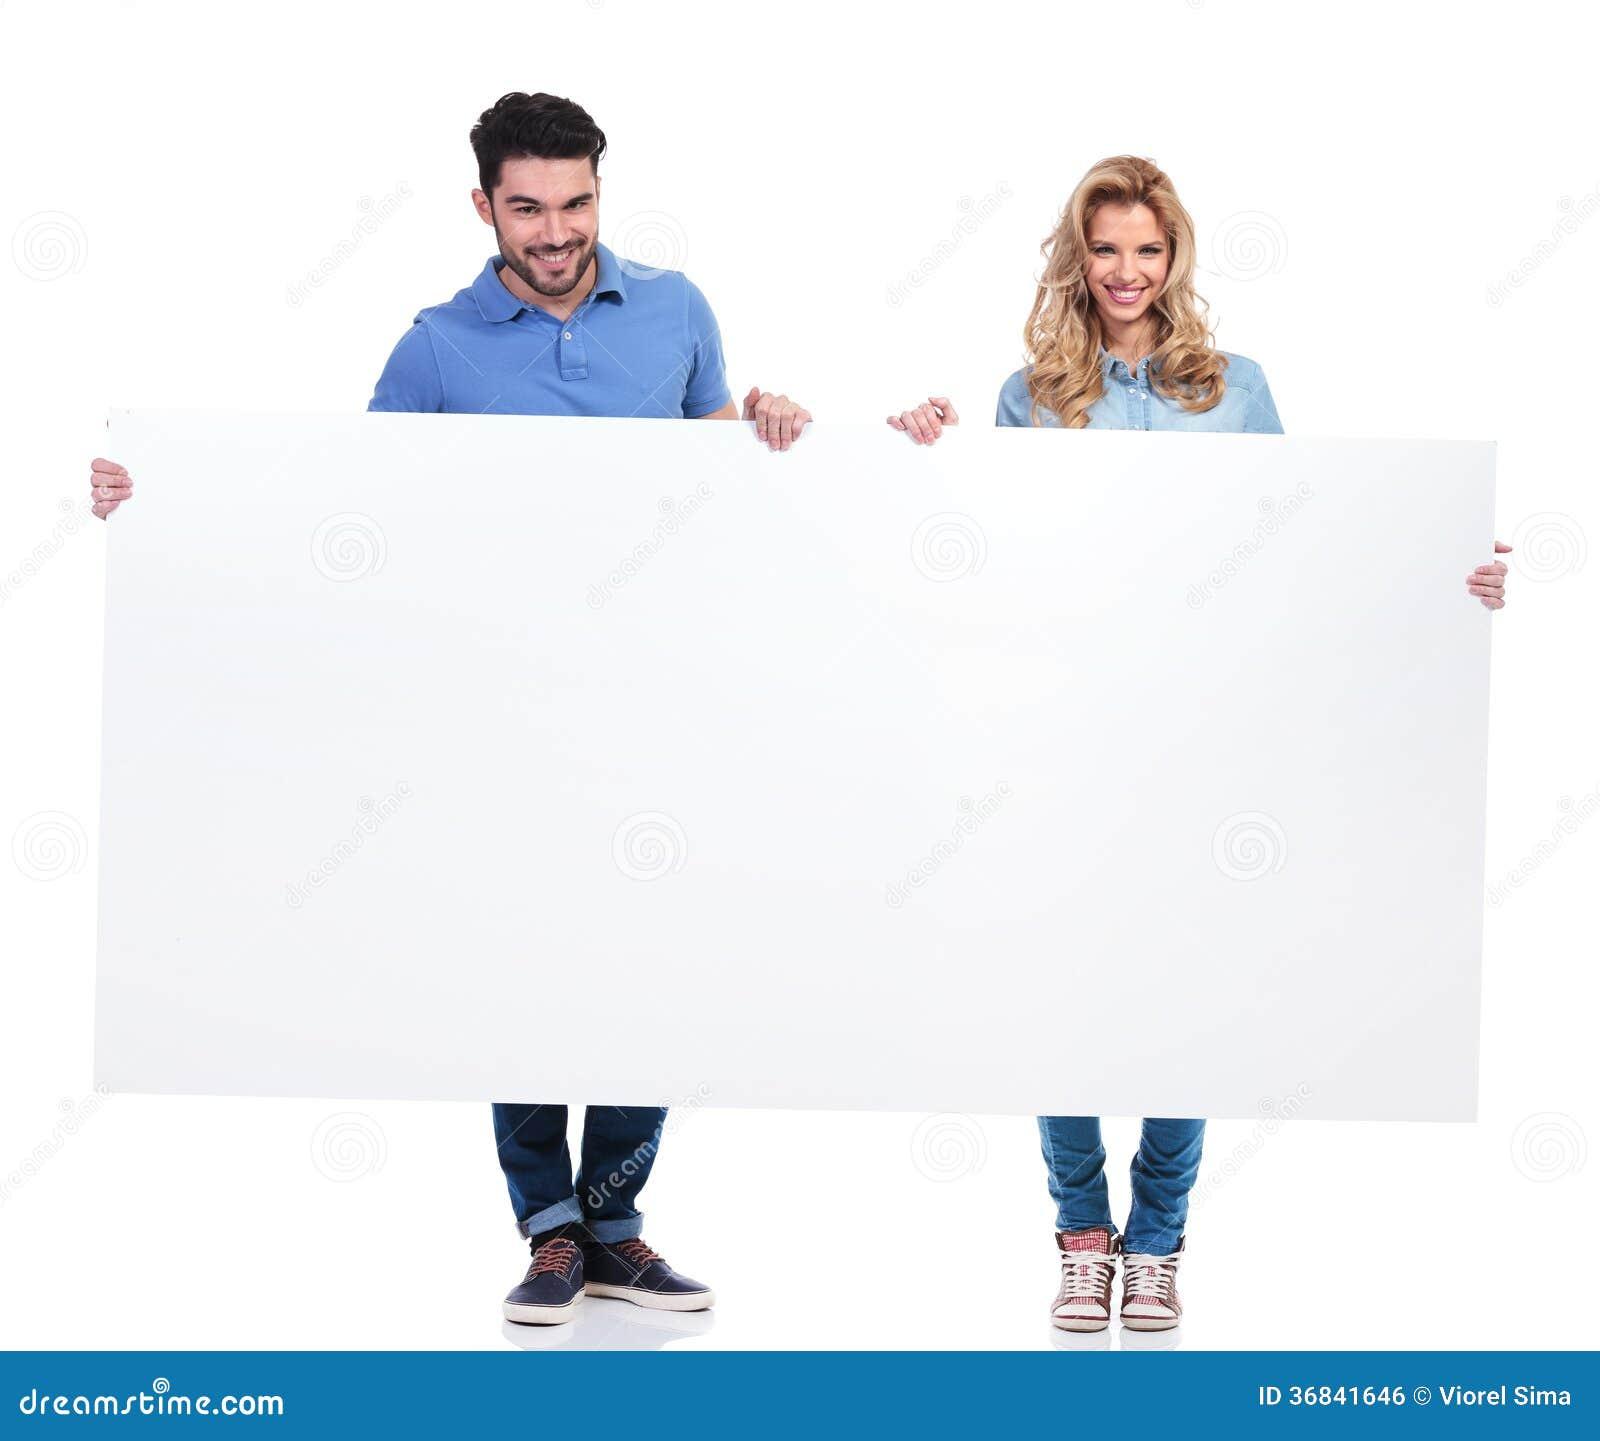 People presenting